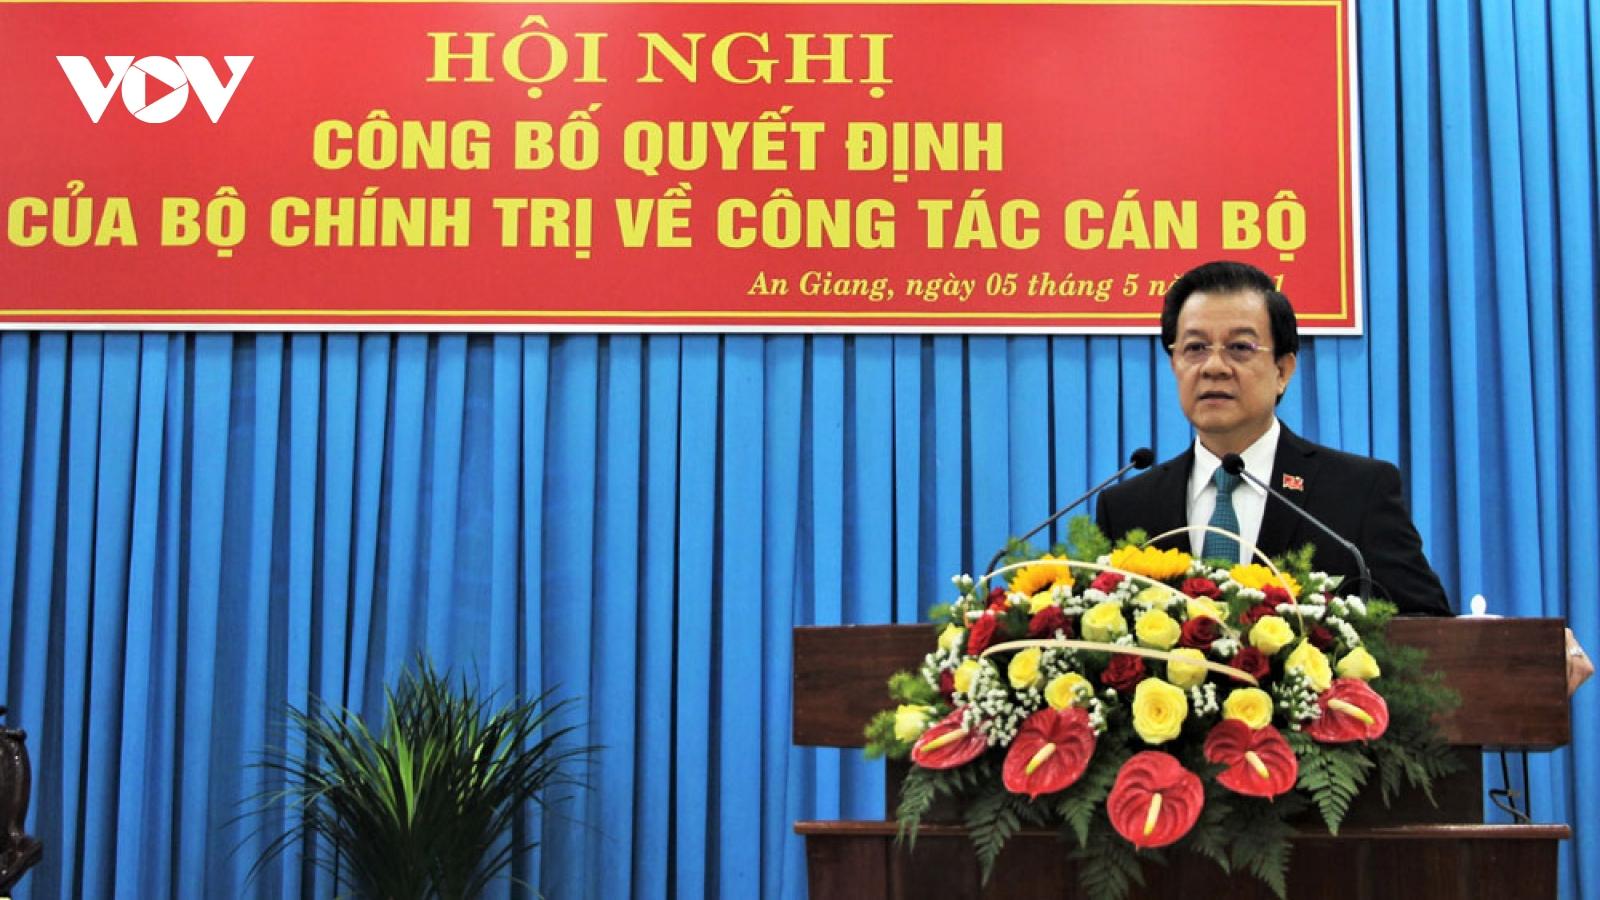 Ông Lê Hồng Quang giữ chức Bí thư Tỉnh ủy An Giang